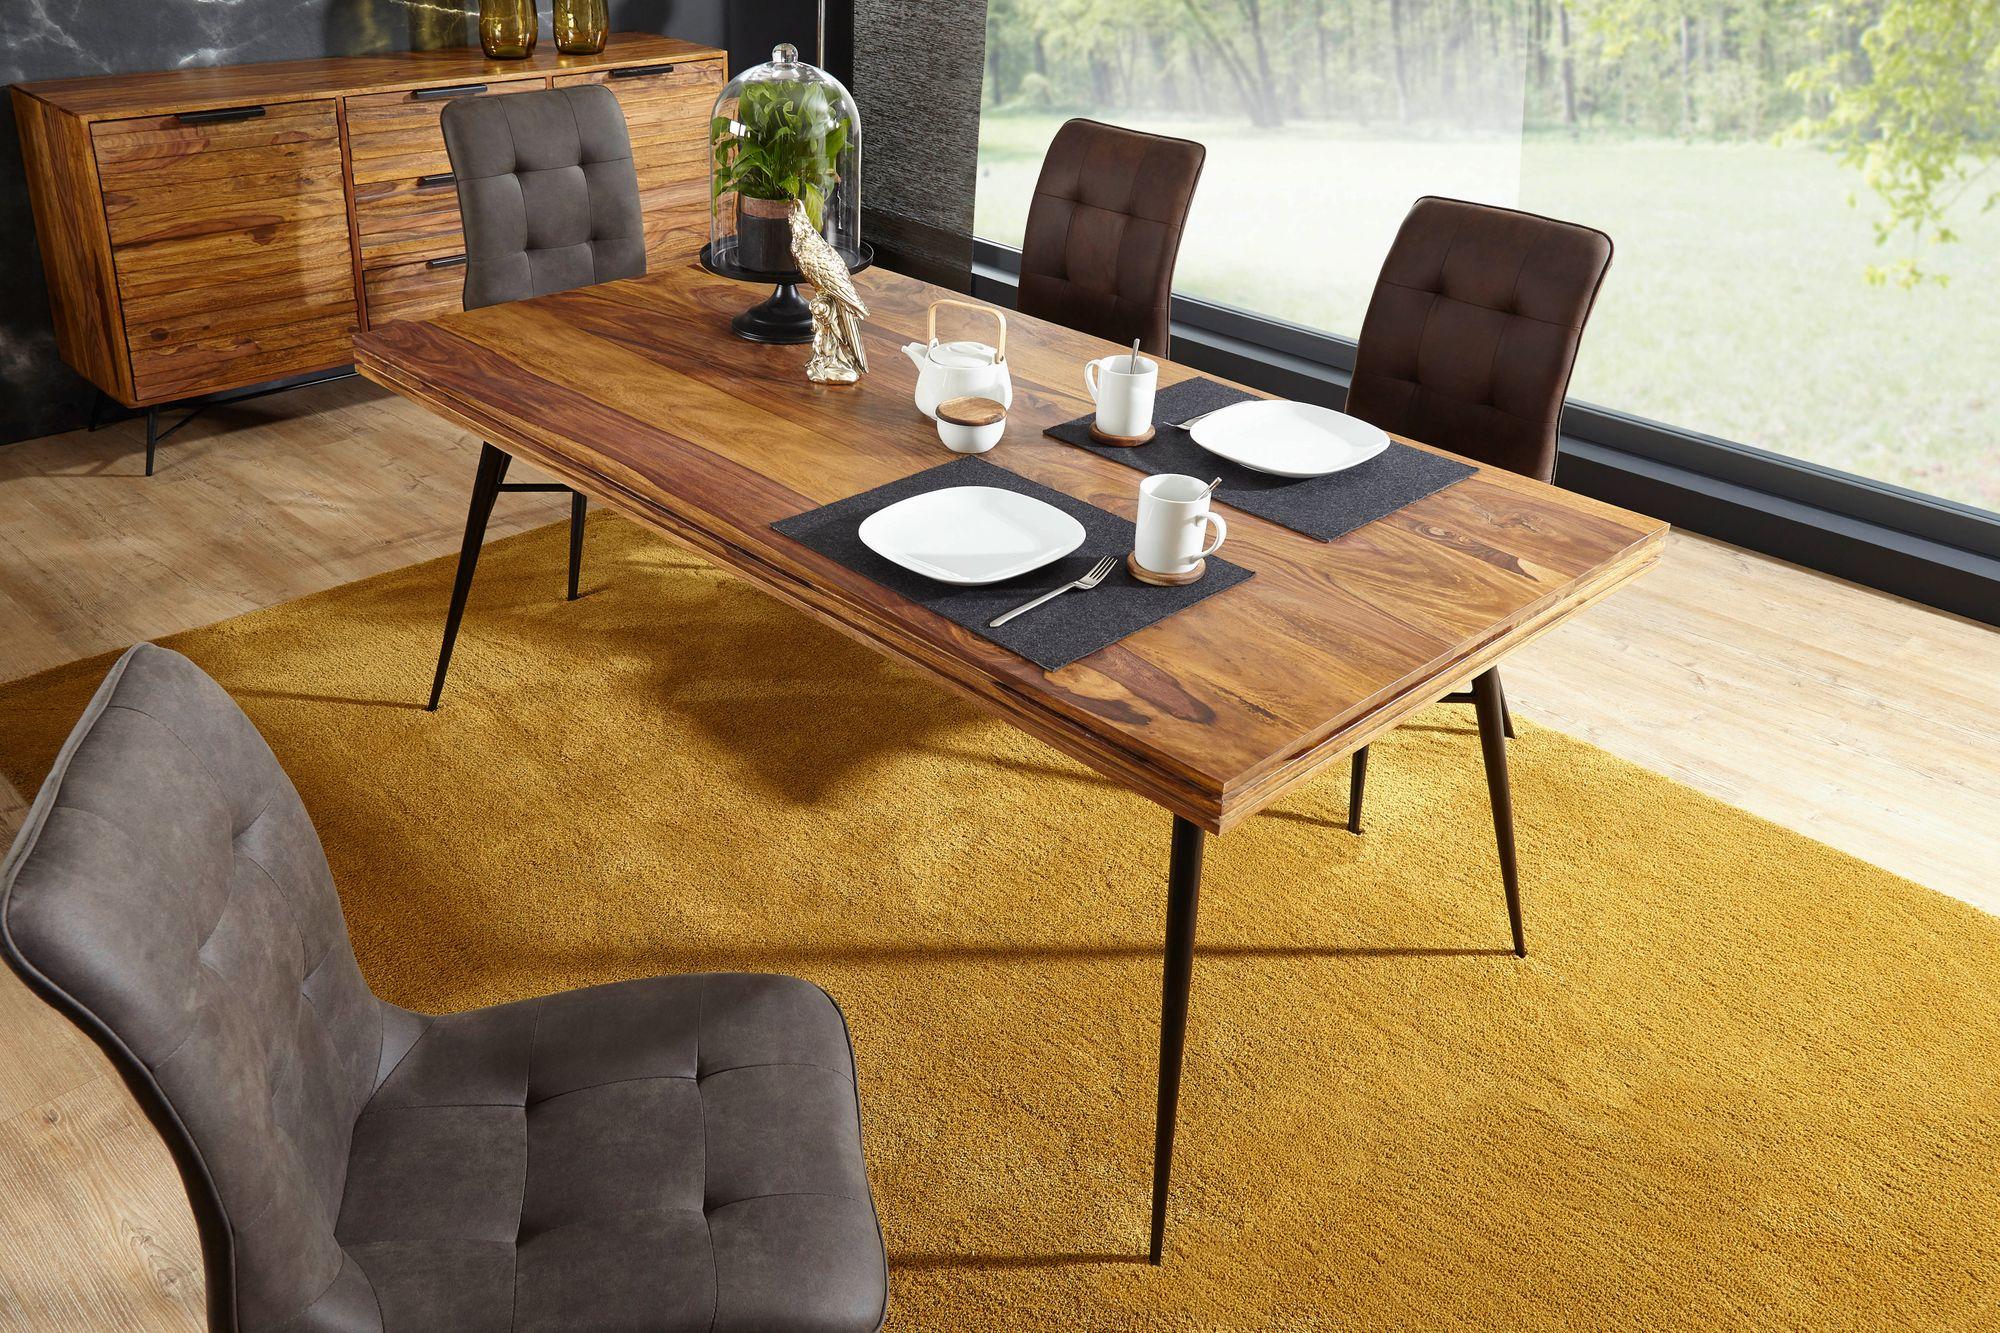 Esszimmertisch Mit 4 Stühlen Sheesham Holz Massiv Esstisch Set 180cm